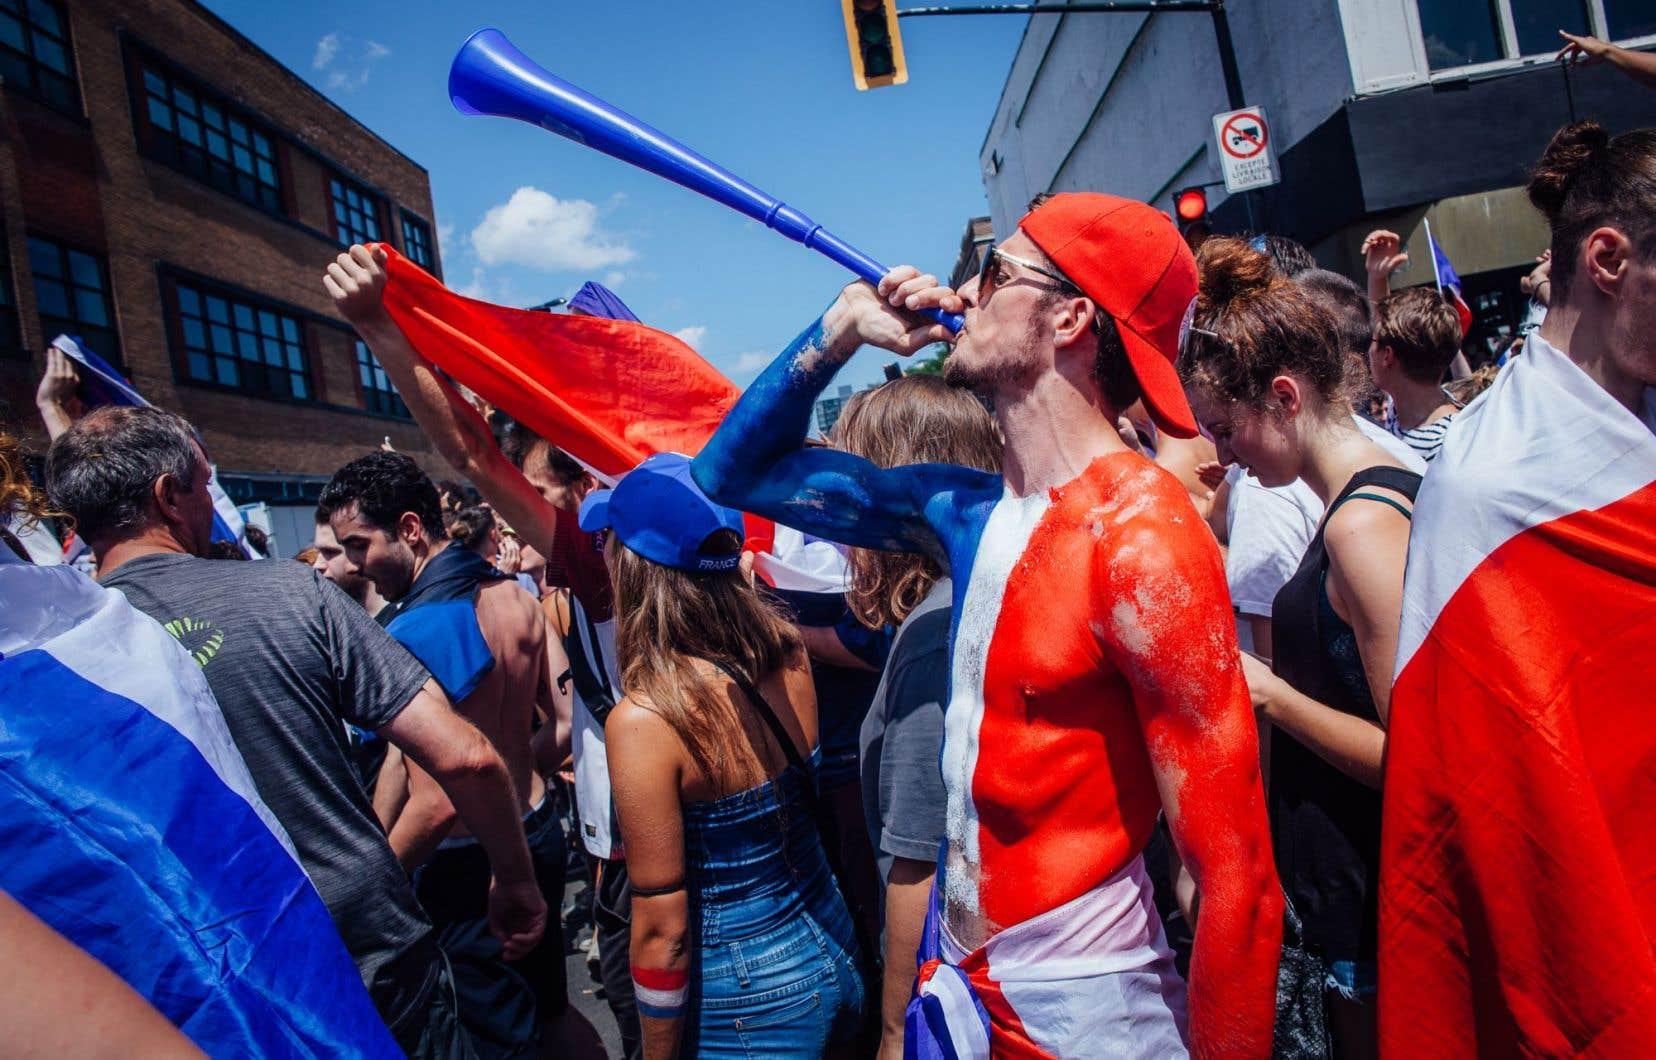 Des partisans français, claironnant après la victoire de leur équipe, qui a vaincu la Croatie 4-2 en finale de la Coupe du monde.